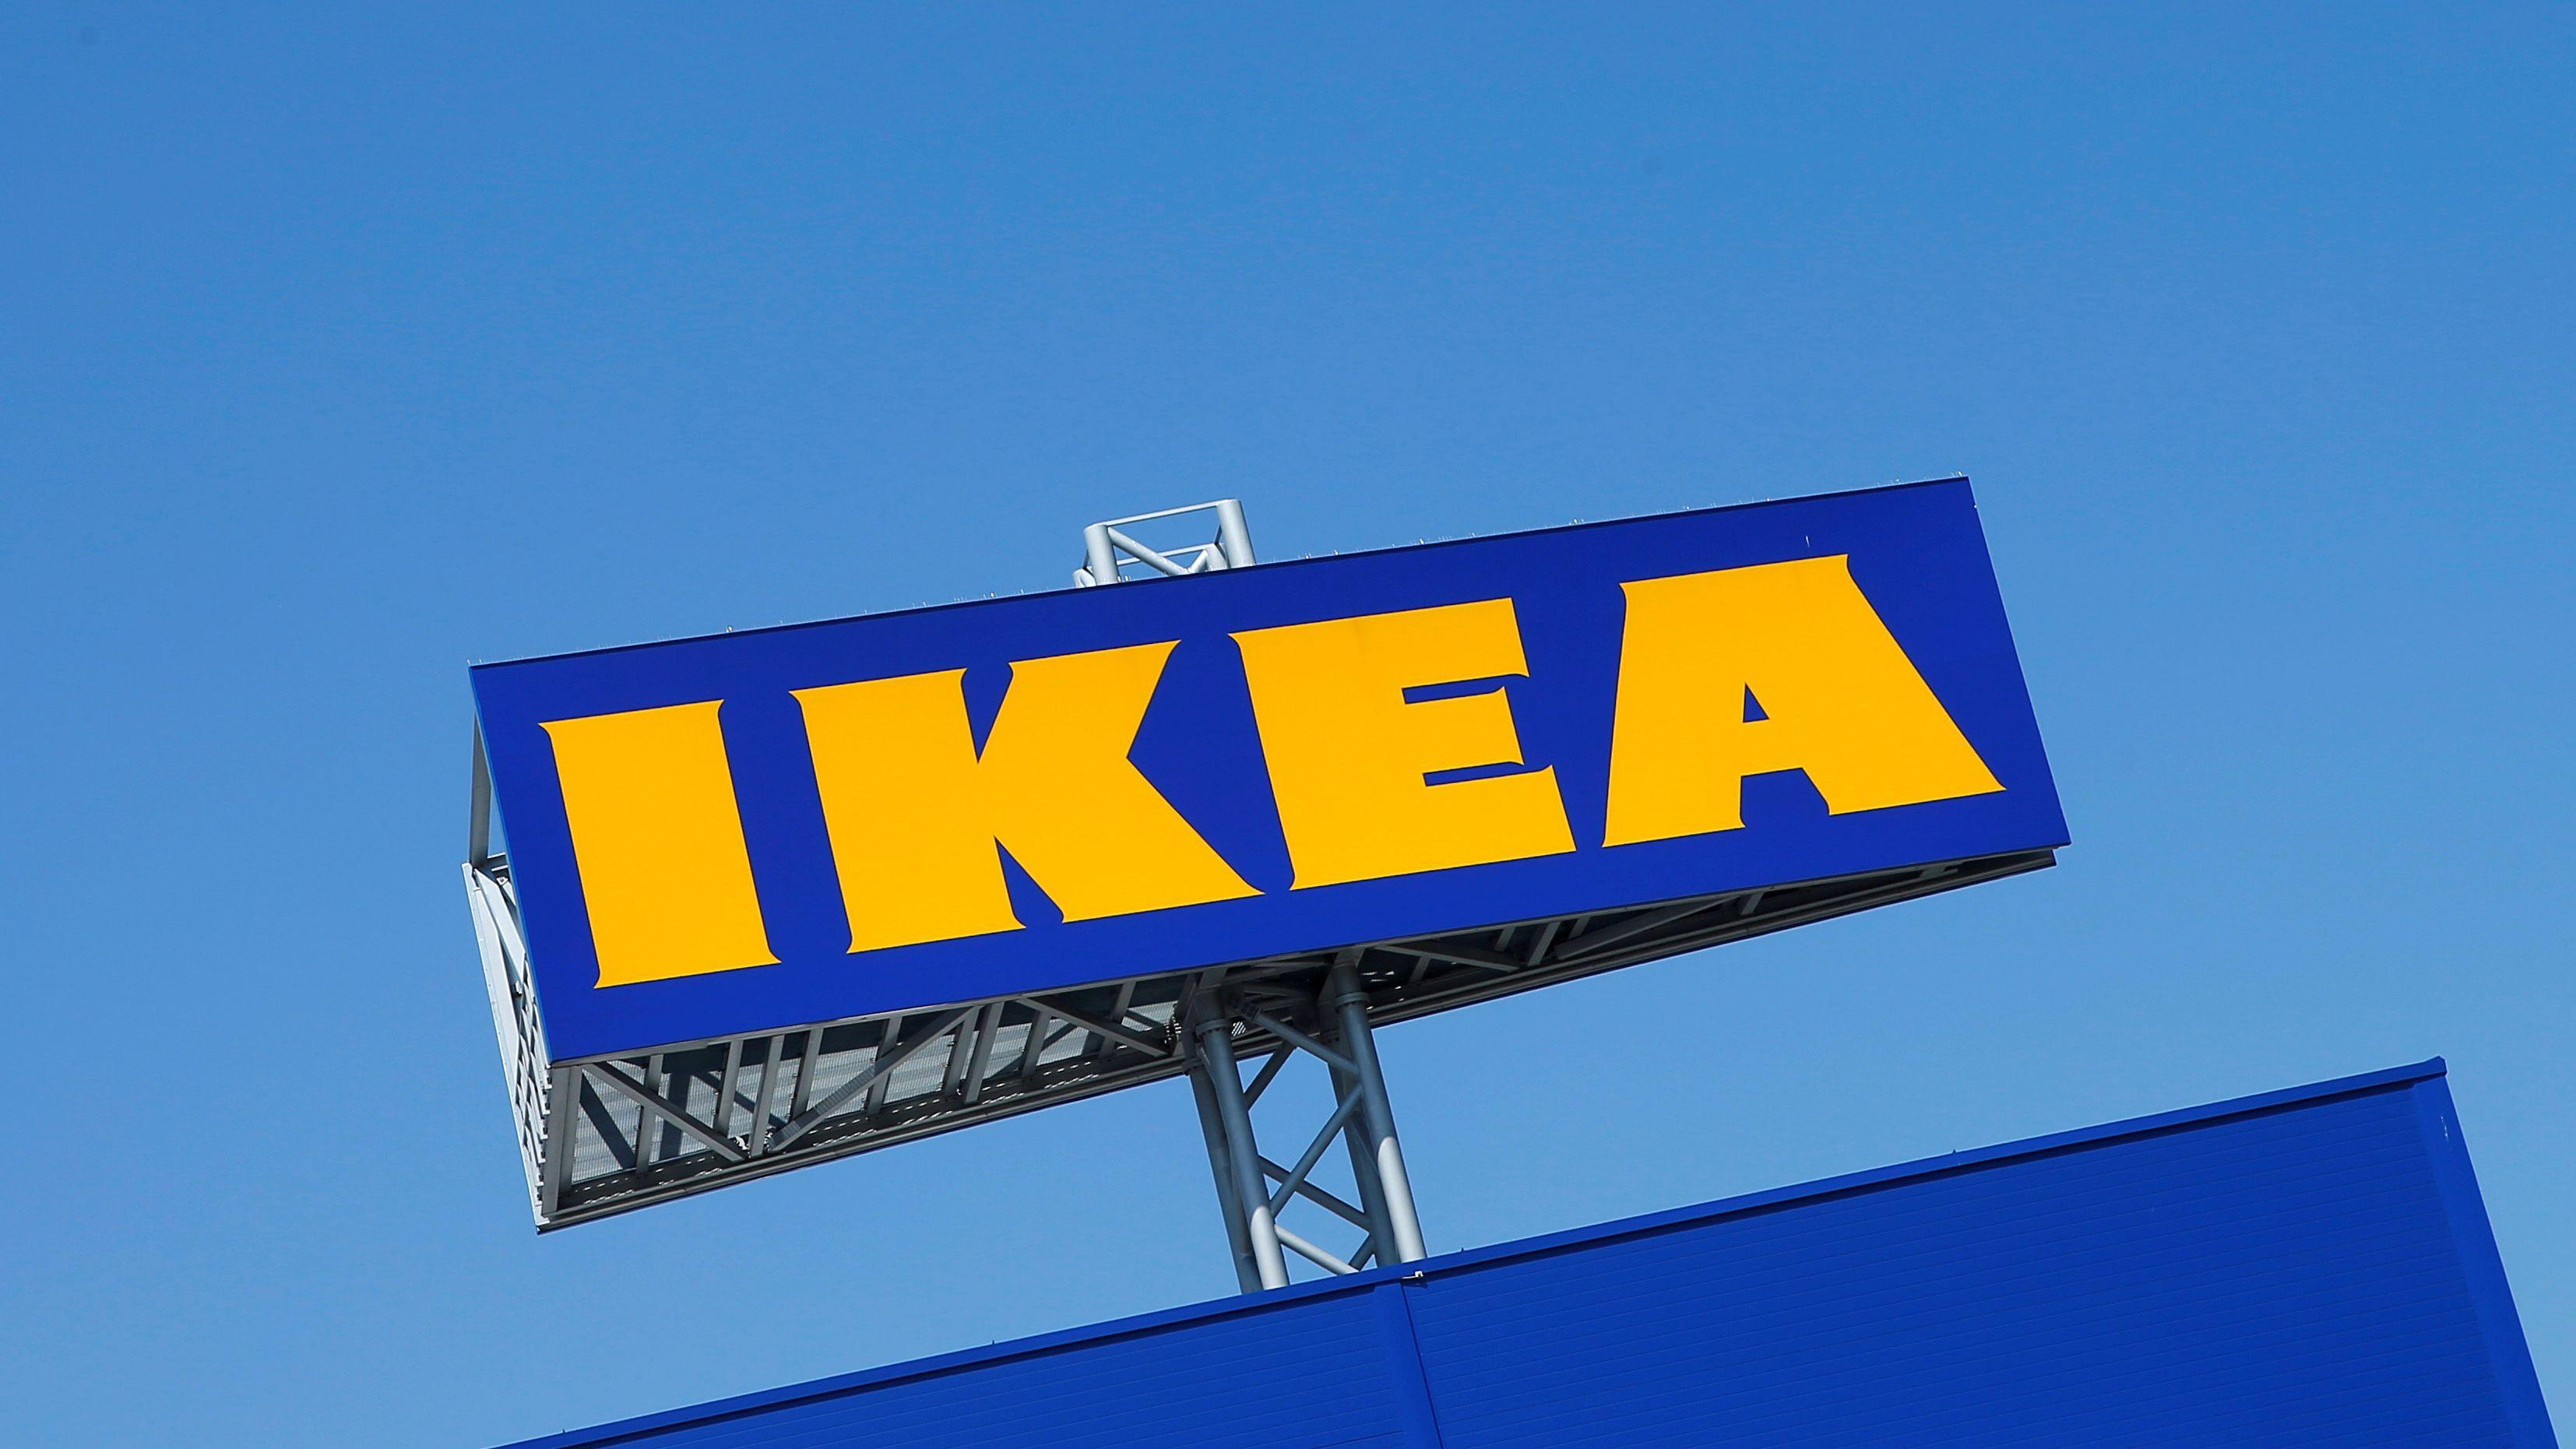 ikea steigert umsatz in sterreich sterreich vienna at. Black Bedroom Furniture Sets. Home Design Ideas